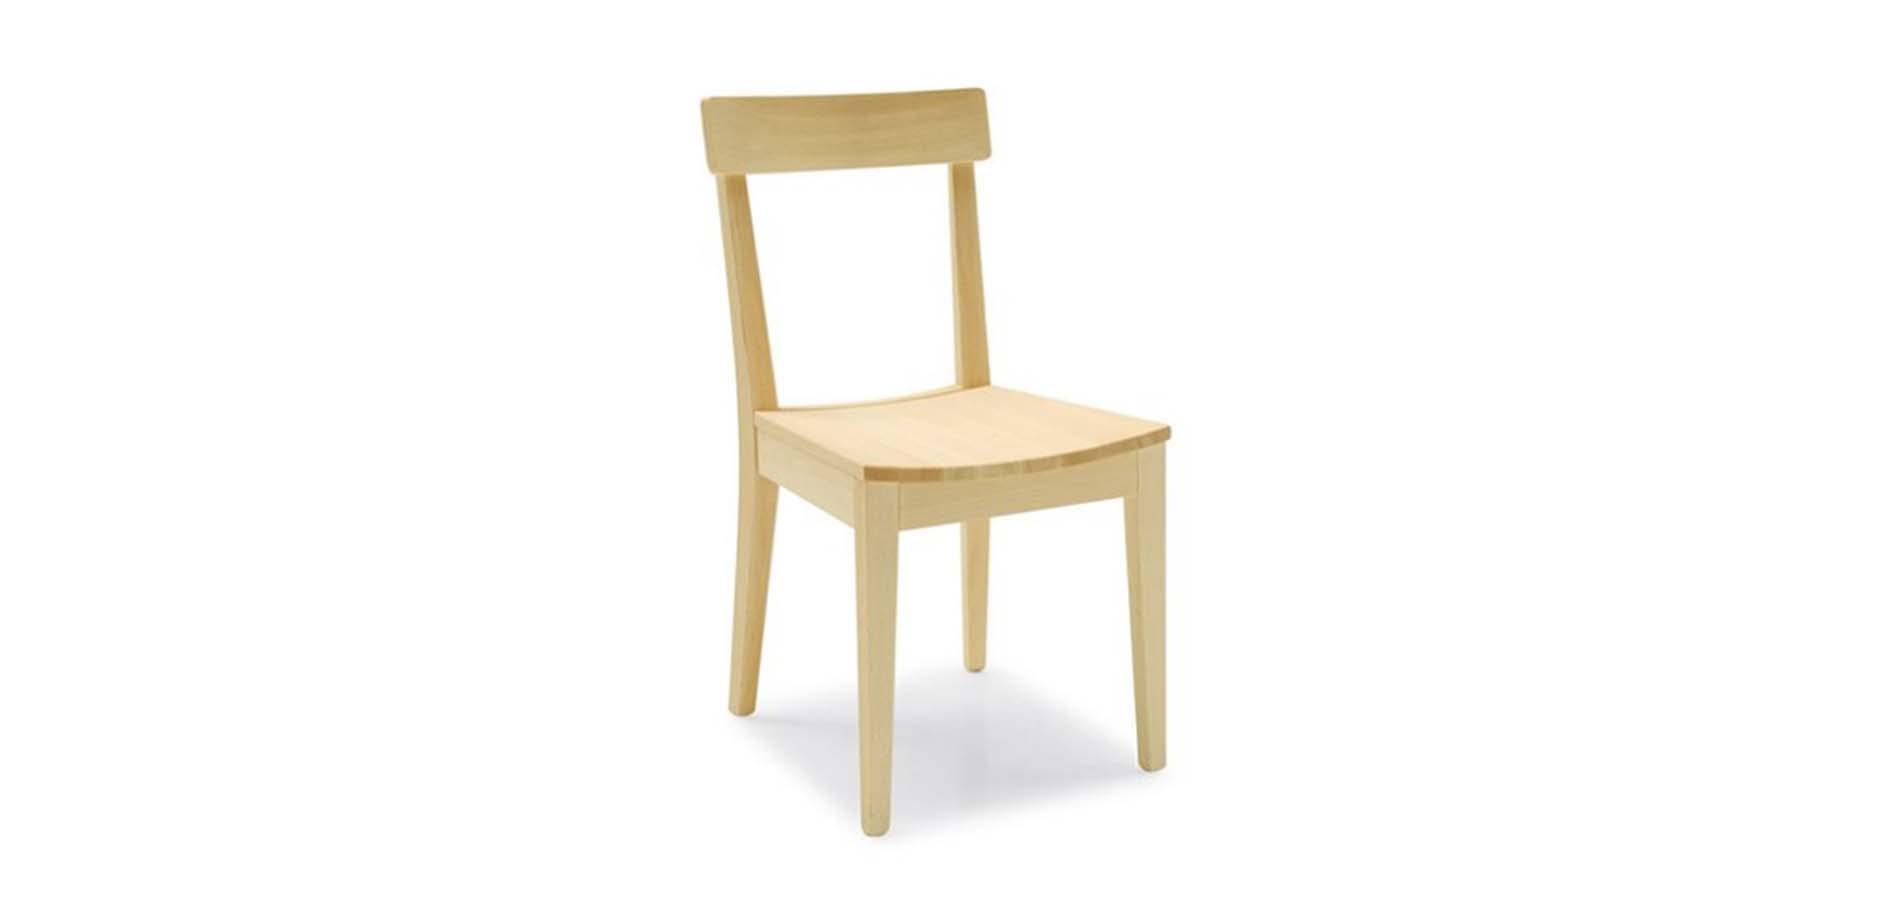 Geräumig Connubia Calligaris Referenz Von Ιταλικές καρέκλες